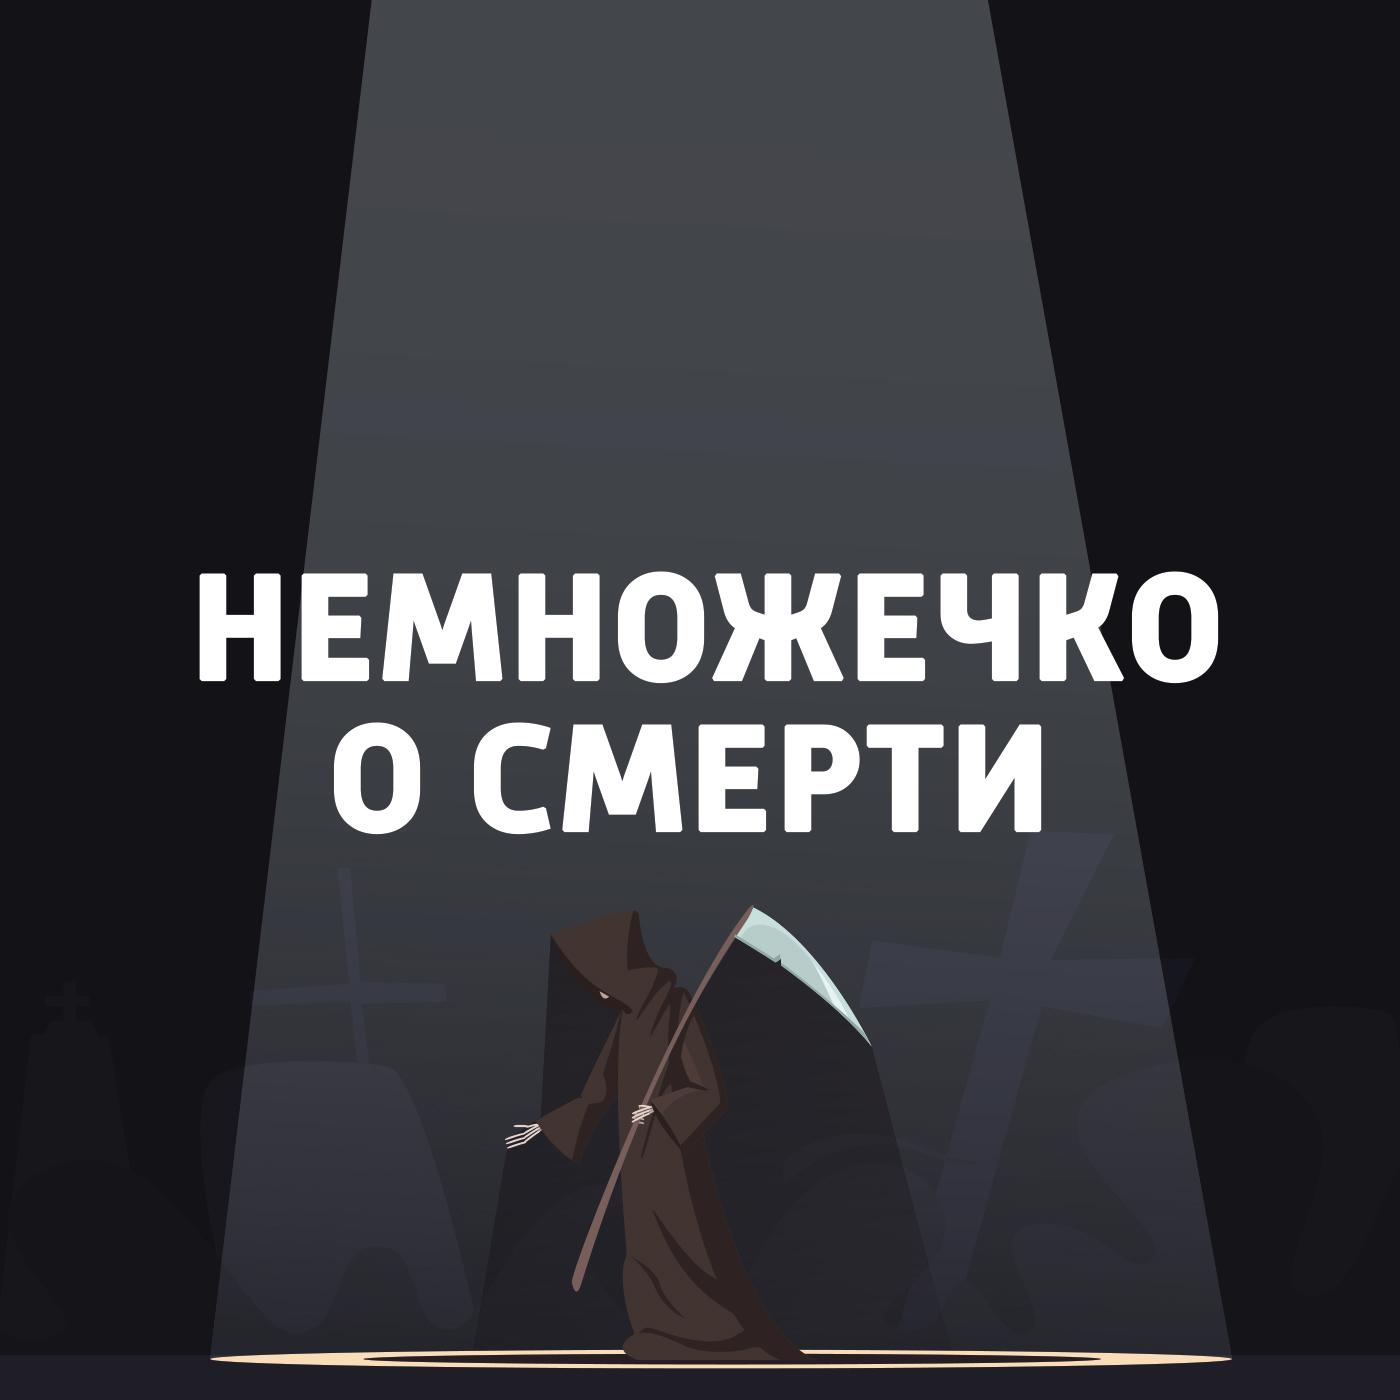 Спортсмены: Джереми Бренно, Рэй Чепмен и Сергей Перхун